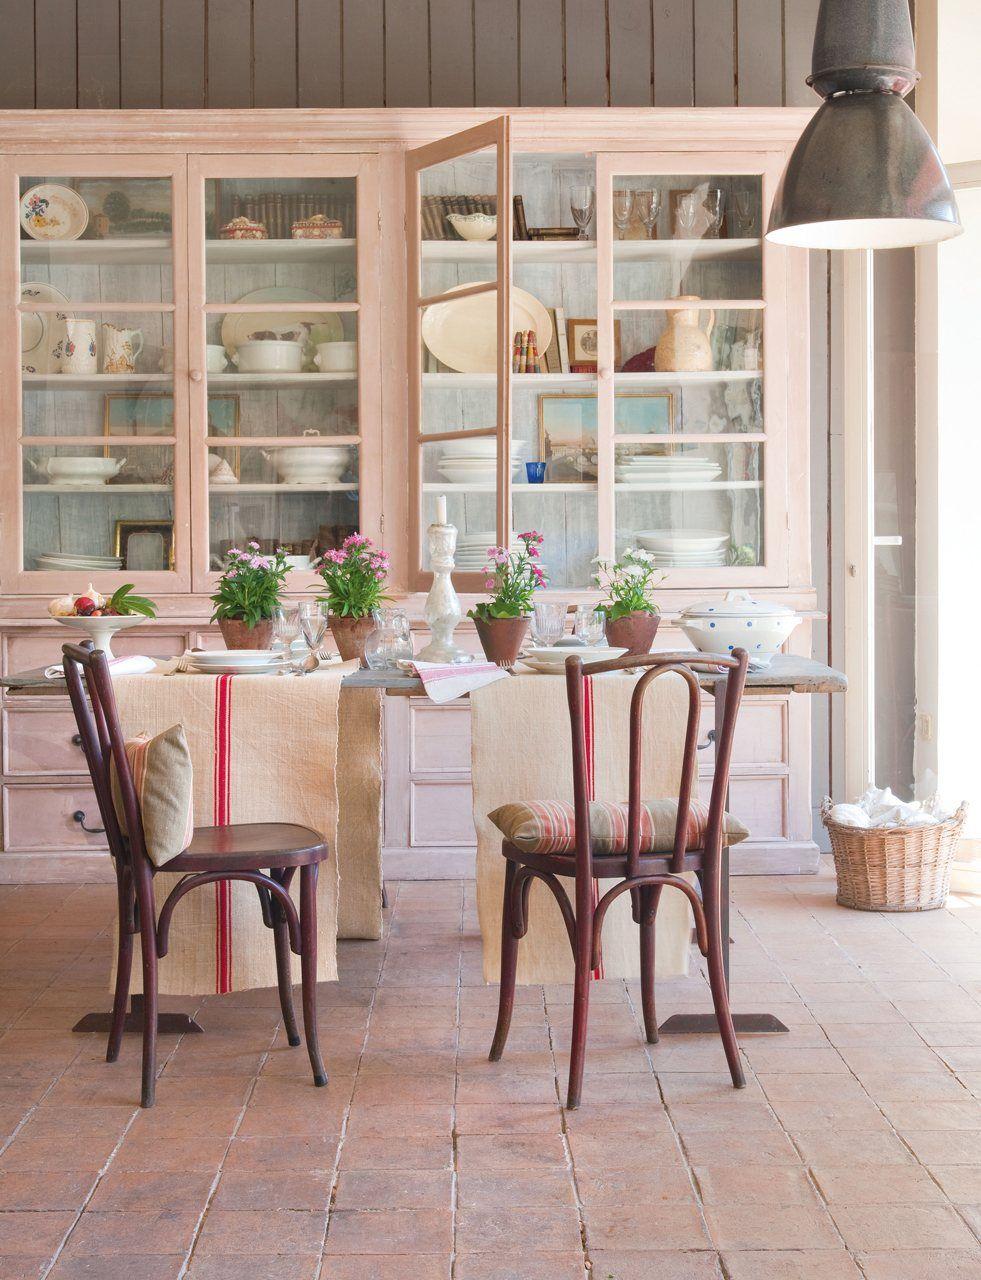 Piezas grandes alacenas vajilleros vitrinas recrean el encanto de las casas de campo para - Vitrinas para vajillas ...